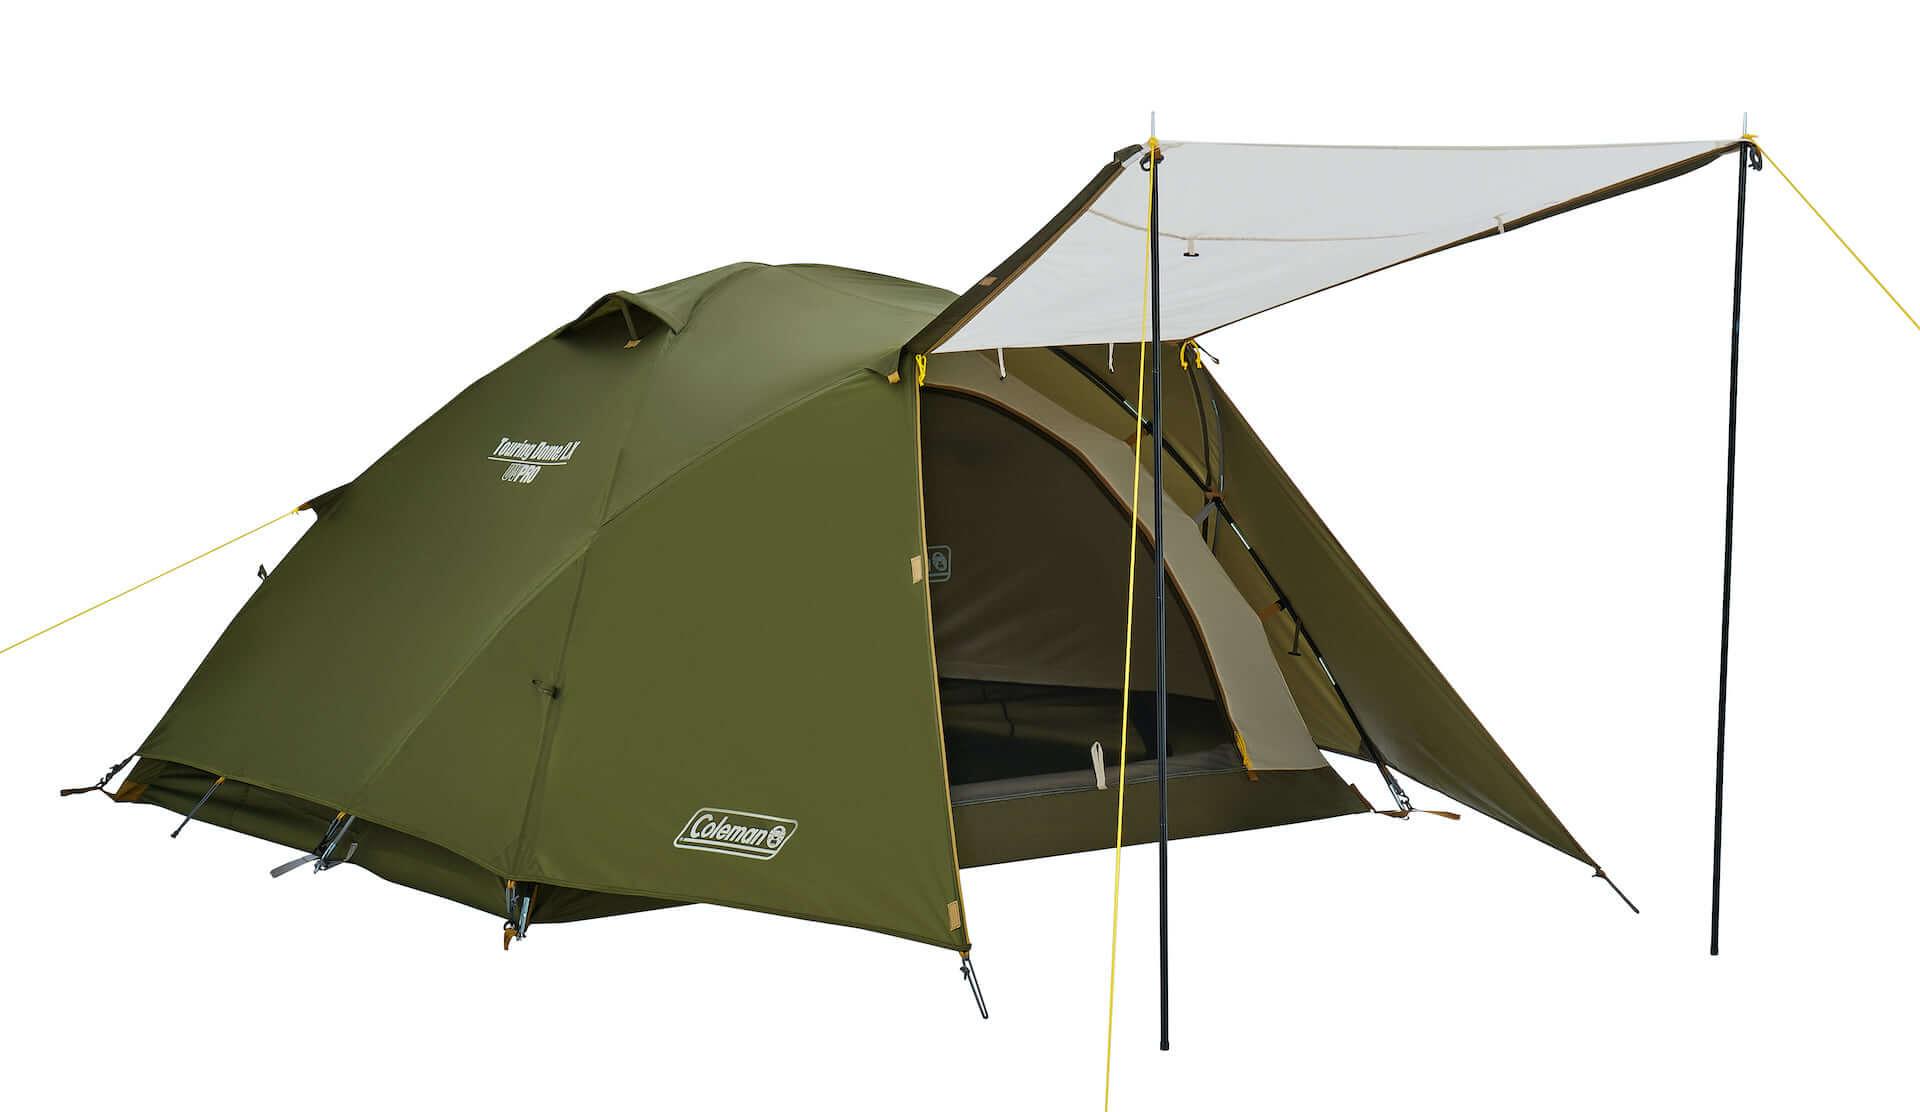 ソロキャンプにもおすすめなテント、ヘキサタープがコールマンから登場!『ツーリングドーム』『ヘキサライトⅡ』など全4種が発売決定 lf210114_coleman_4-1920x1112